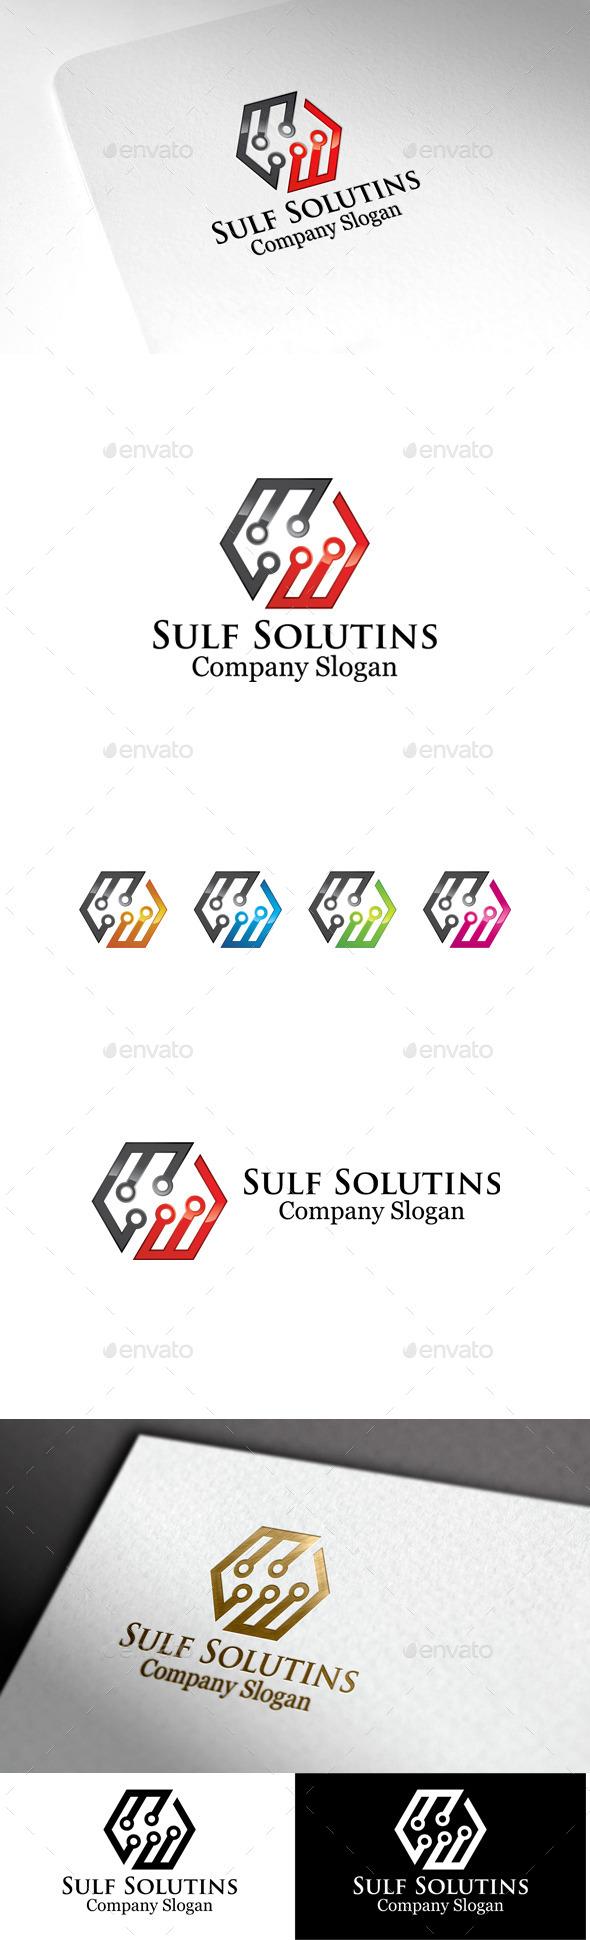 GraphicRiver Sulf Solutins 9847558